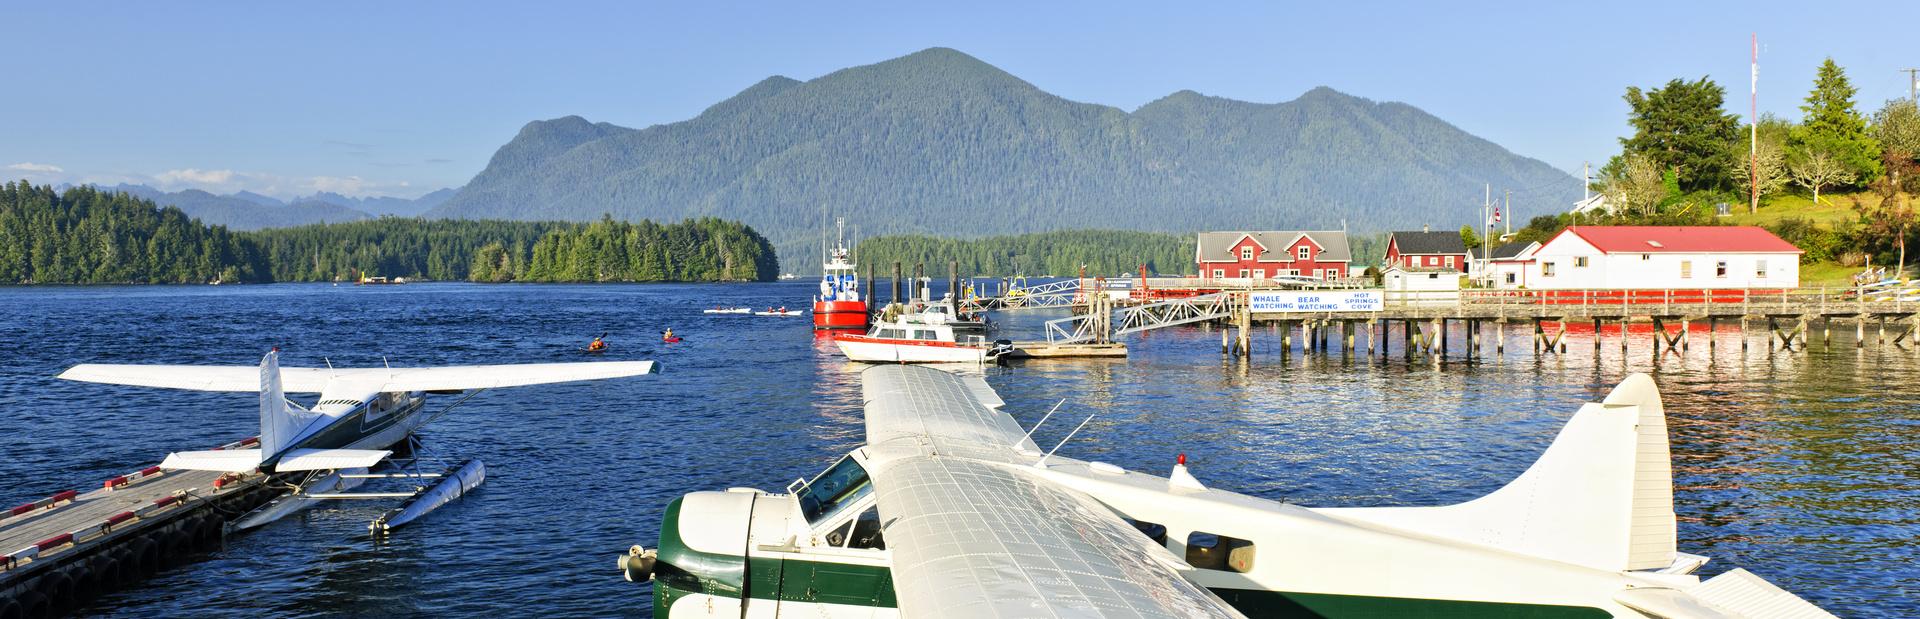 British Columbia news photo